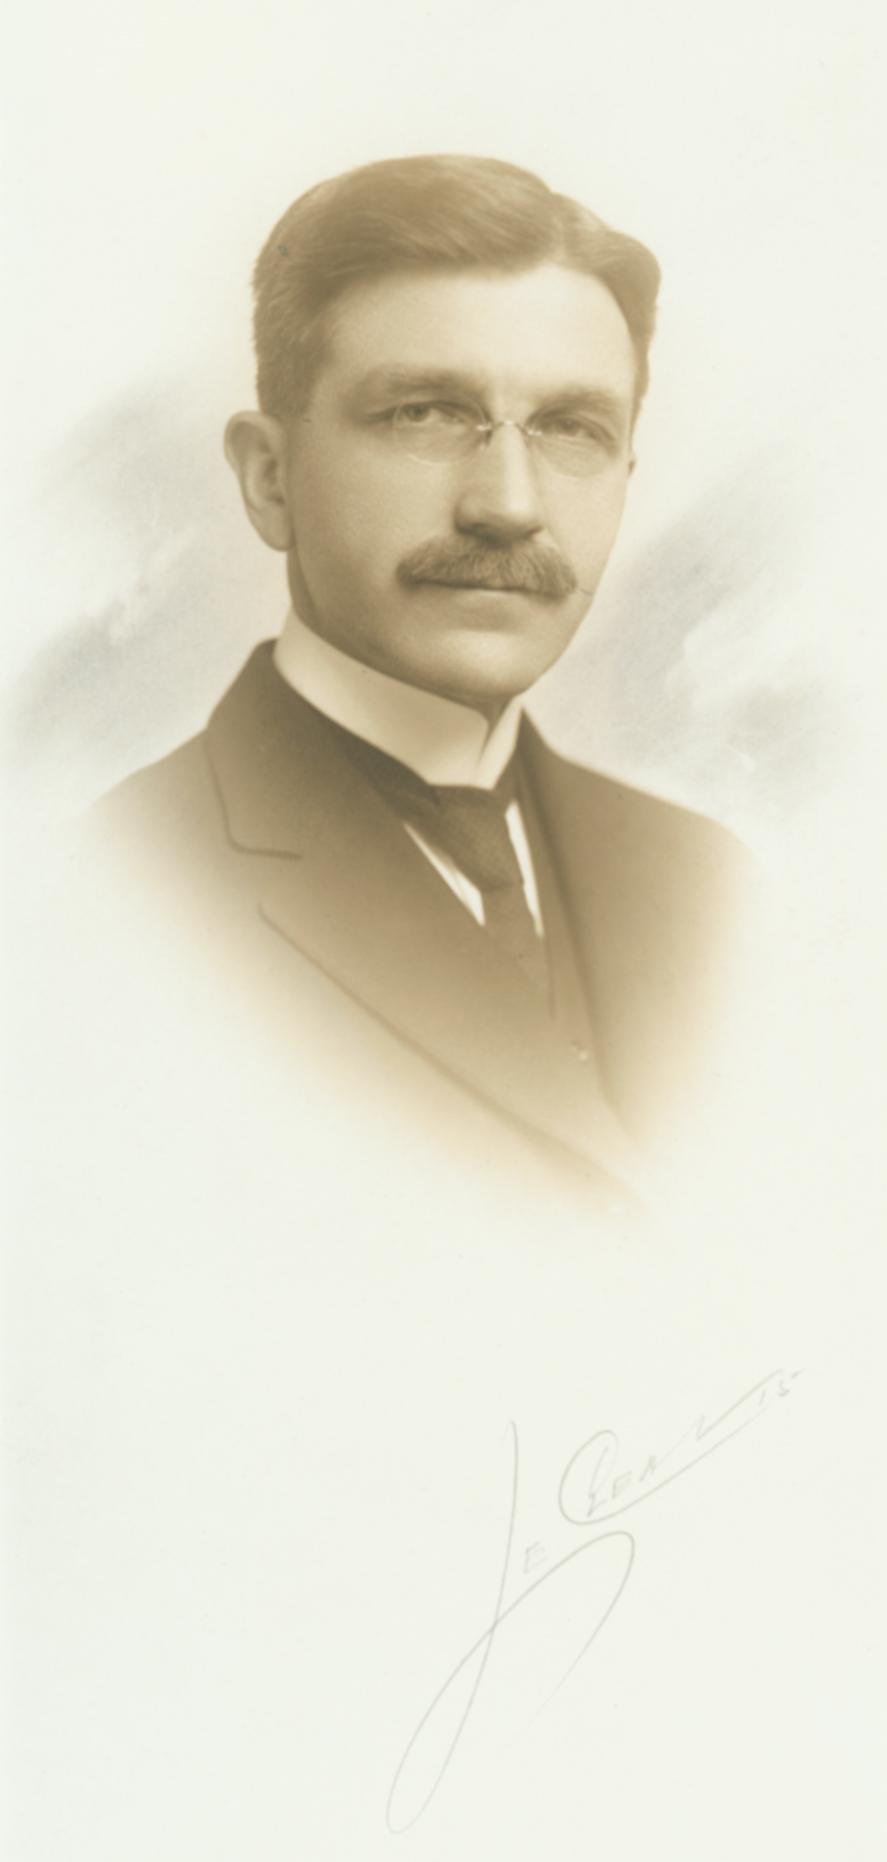 Louis C. Plant, 1913